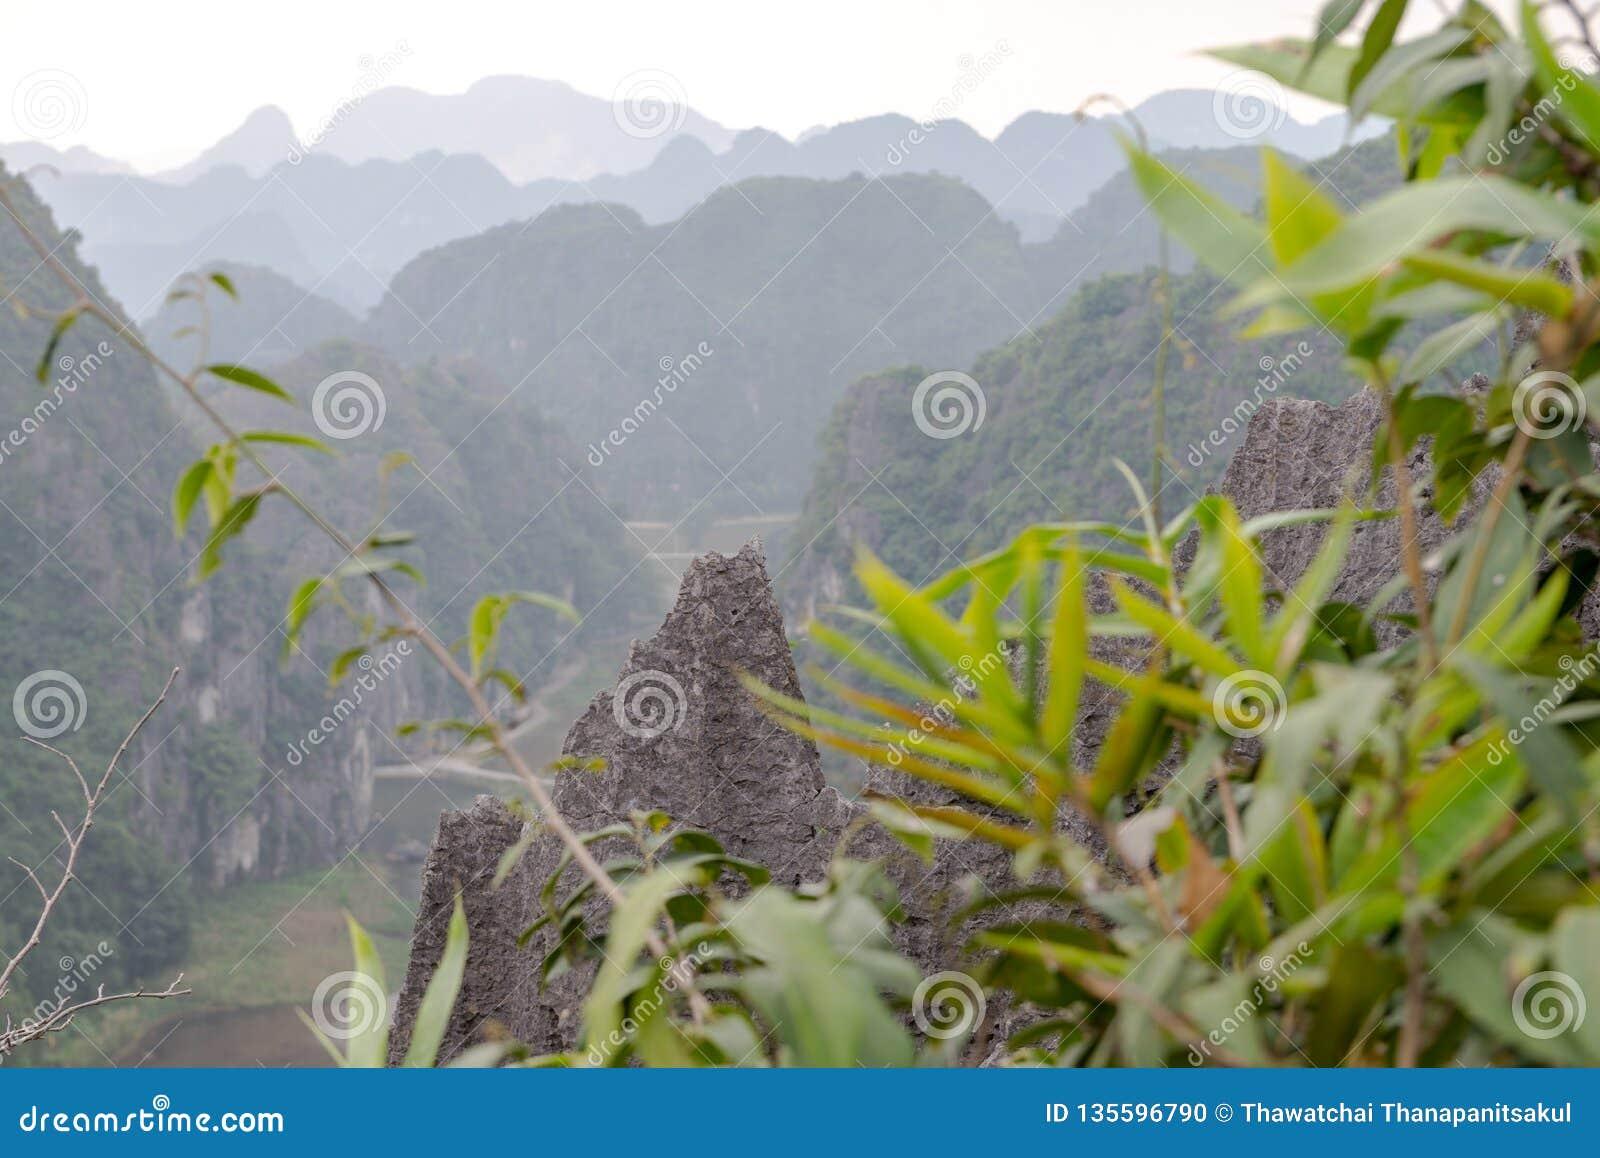 Province de Hang Mua Temple Ninh Binh, ha Noi Vietnam Dec 2018